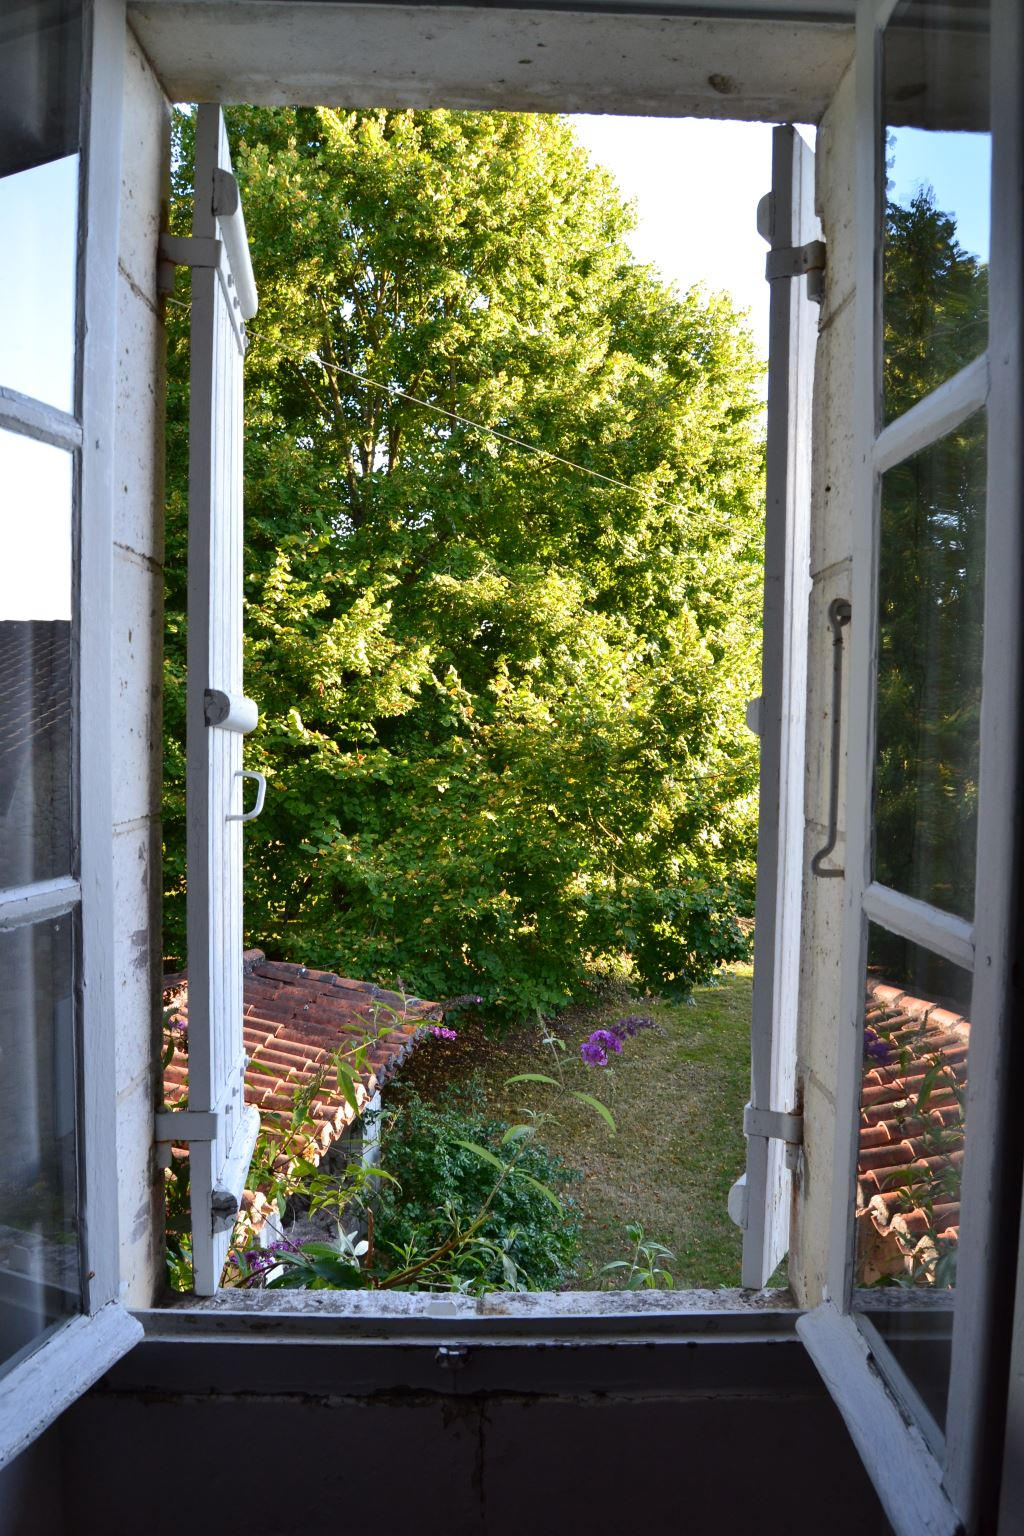 View from Children's Bedroom Window